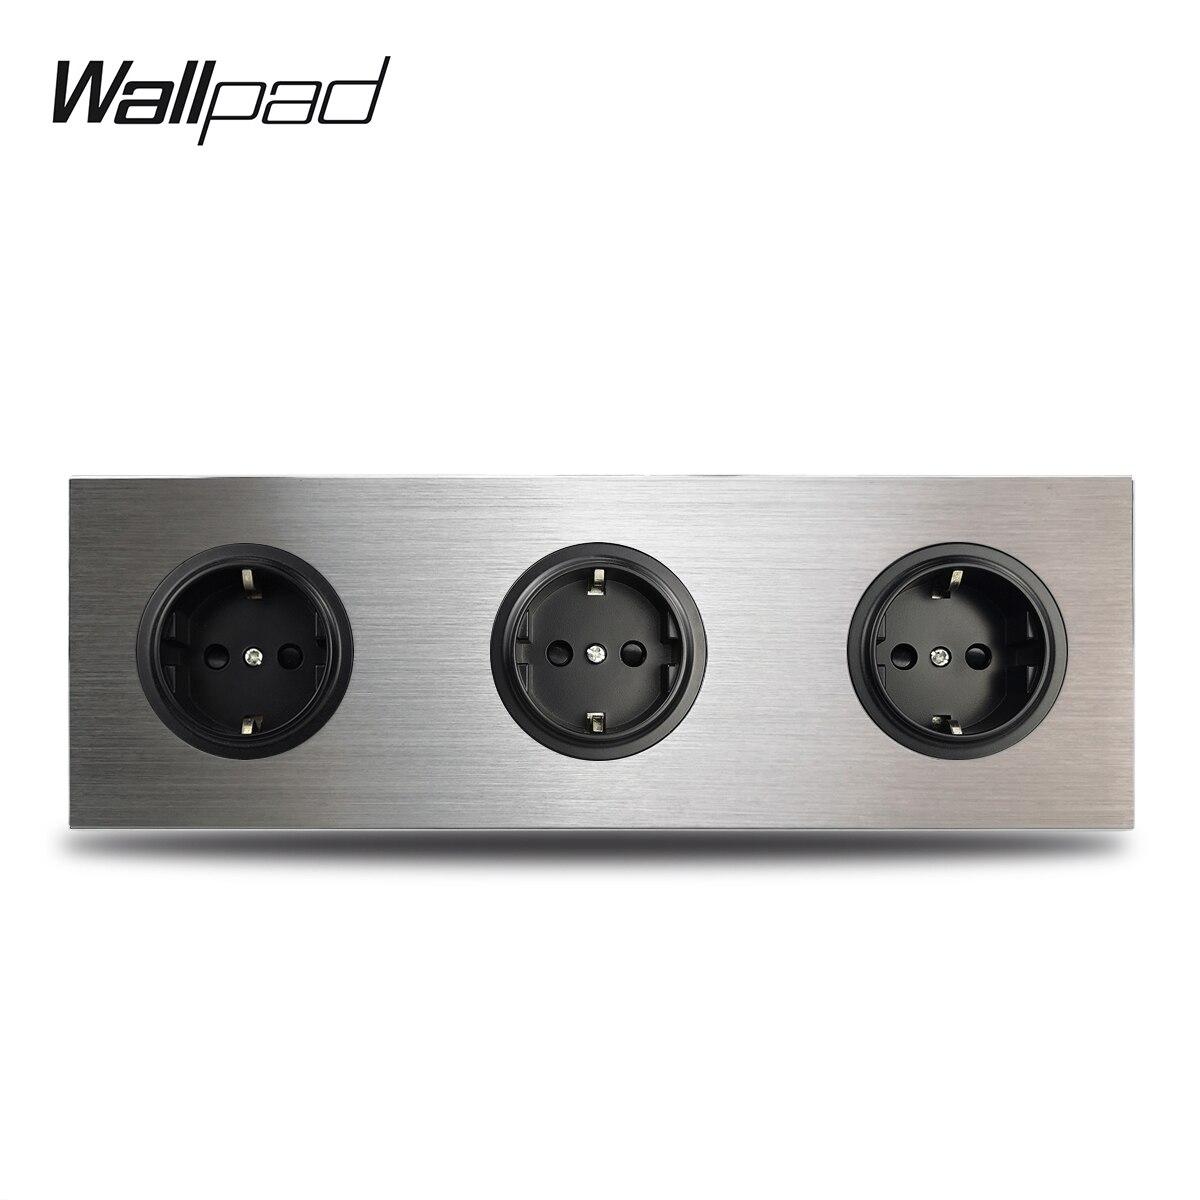 Wallpad 3 Gang трехсекционная рамка Европейская настенная электрическая розетка немецкая штепсельная вилка розетка серебристая панель из матового алюминия двойная пластина 172*86 мм